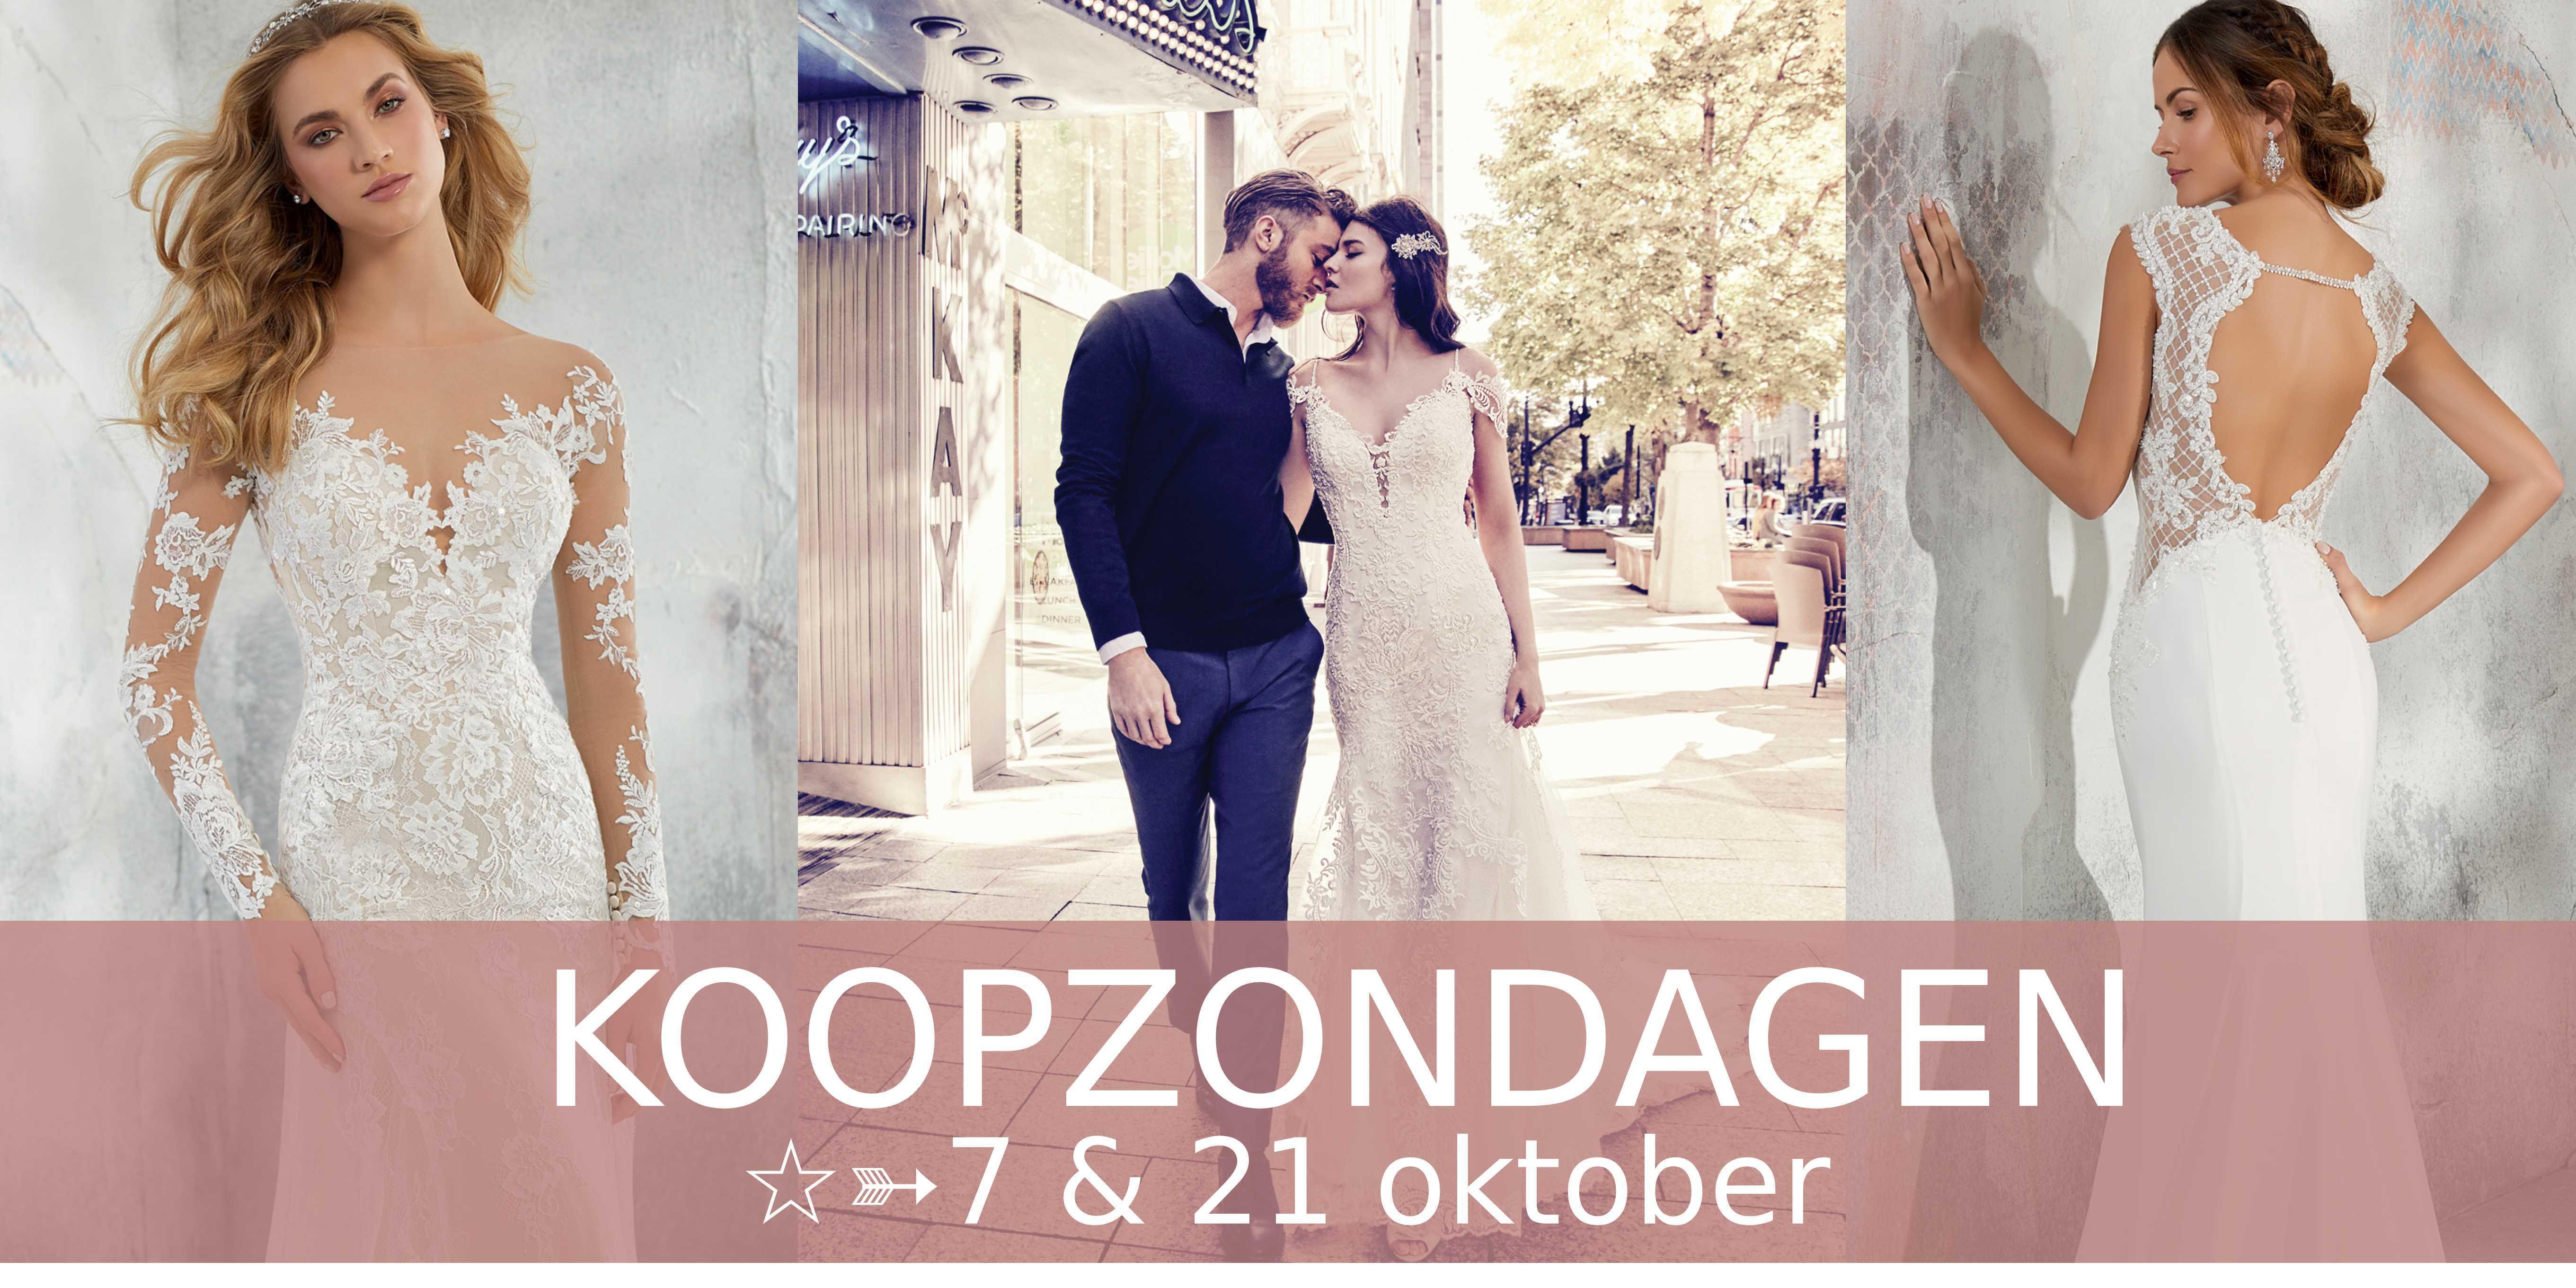 koopzondag, bruidsmode, trouwen, trouwjurk, bruidsjurk, trouwkostuum